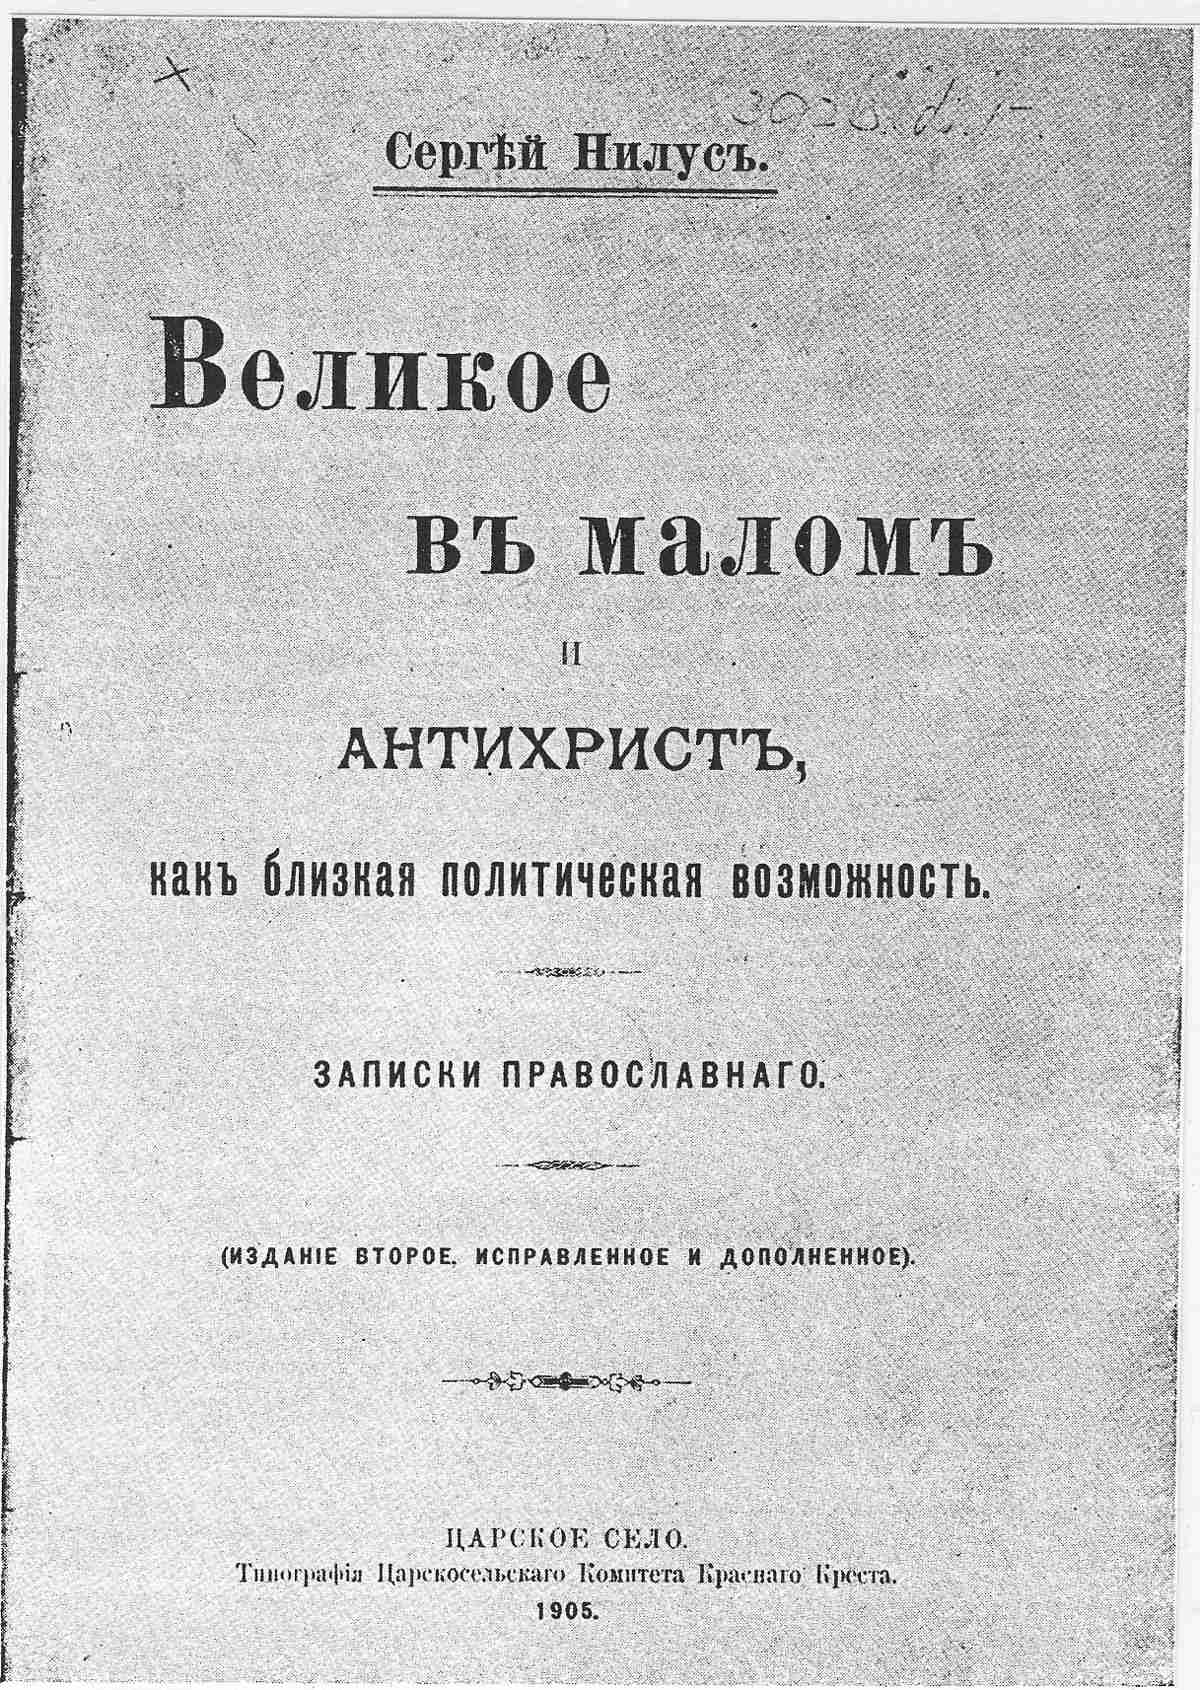 シオン賢者の議定書 - Wikipedia